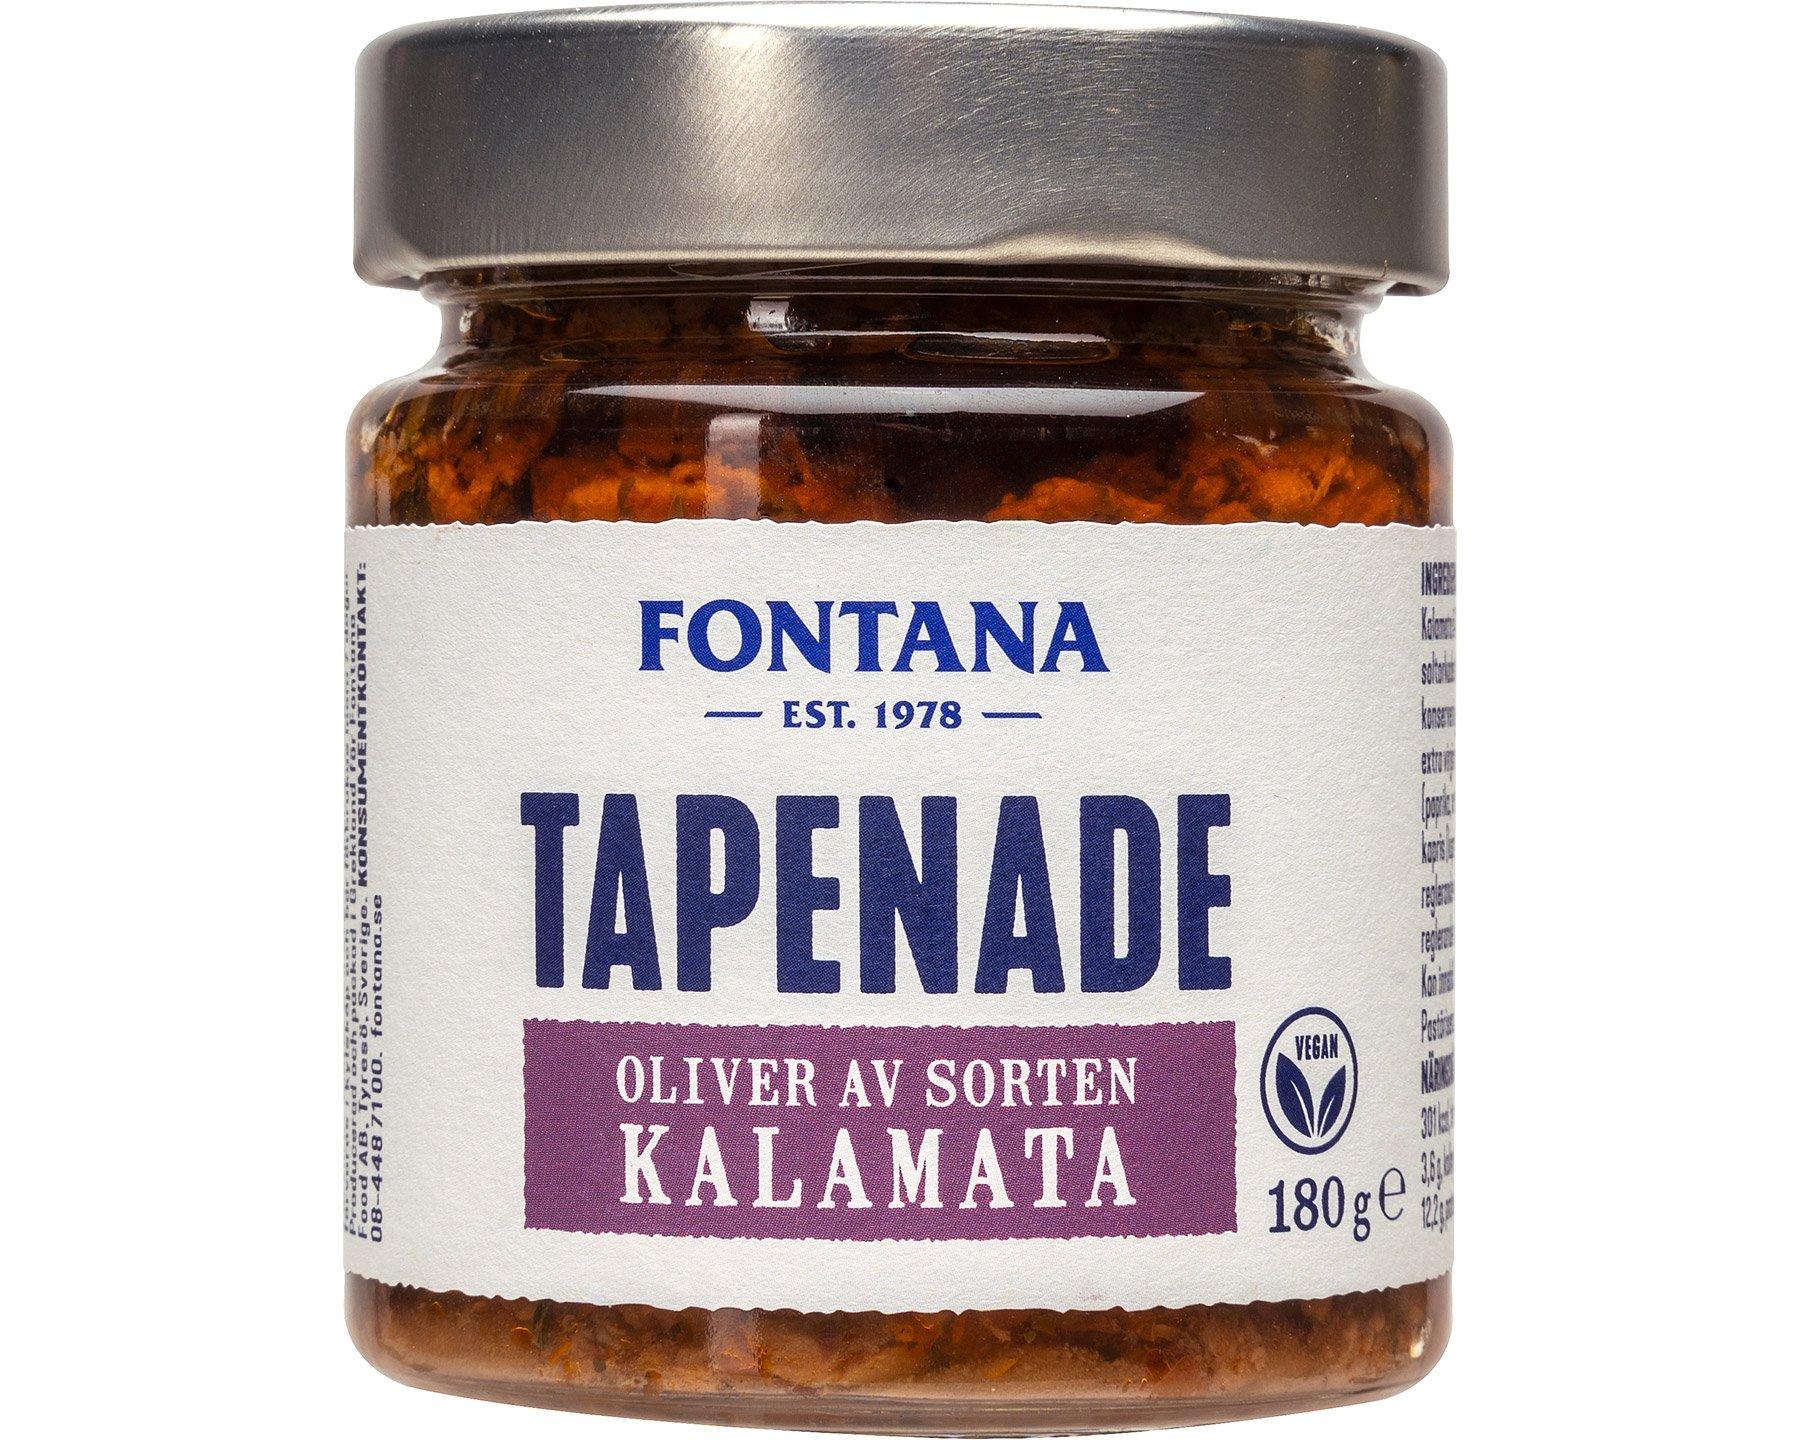 Fontana Tapenade – Oliver av sorten Kalamata 180 g